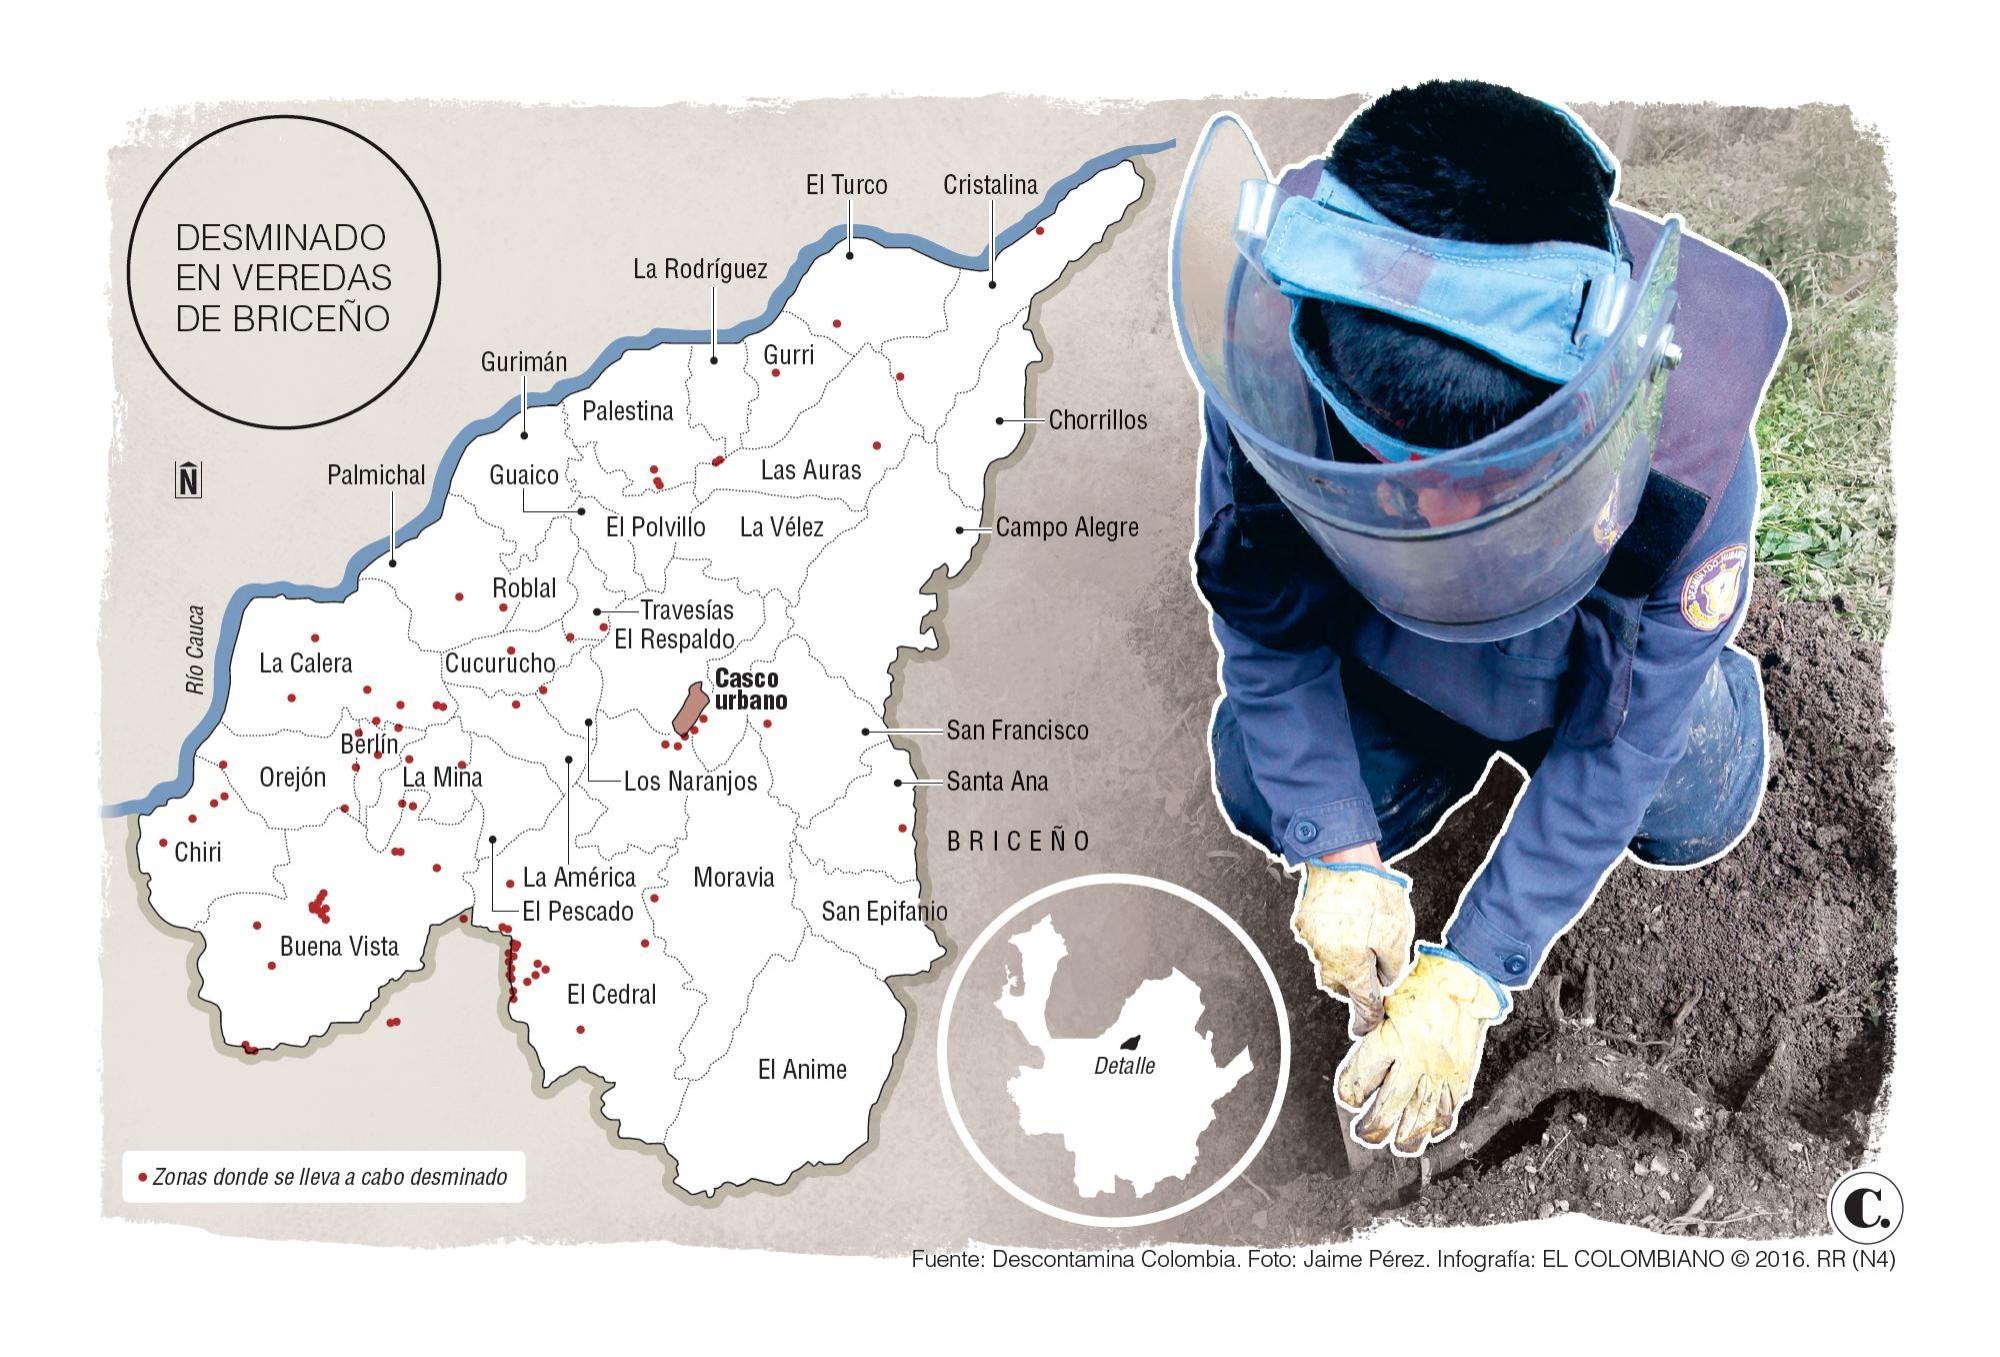 Presencia de minas afecta sustitución de cultivos